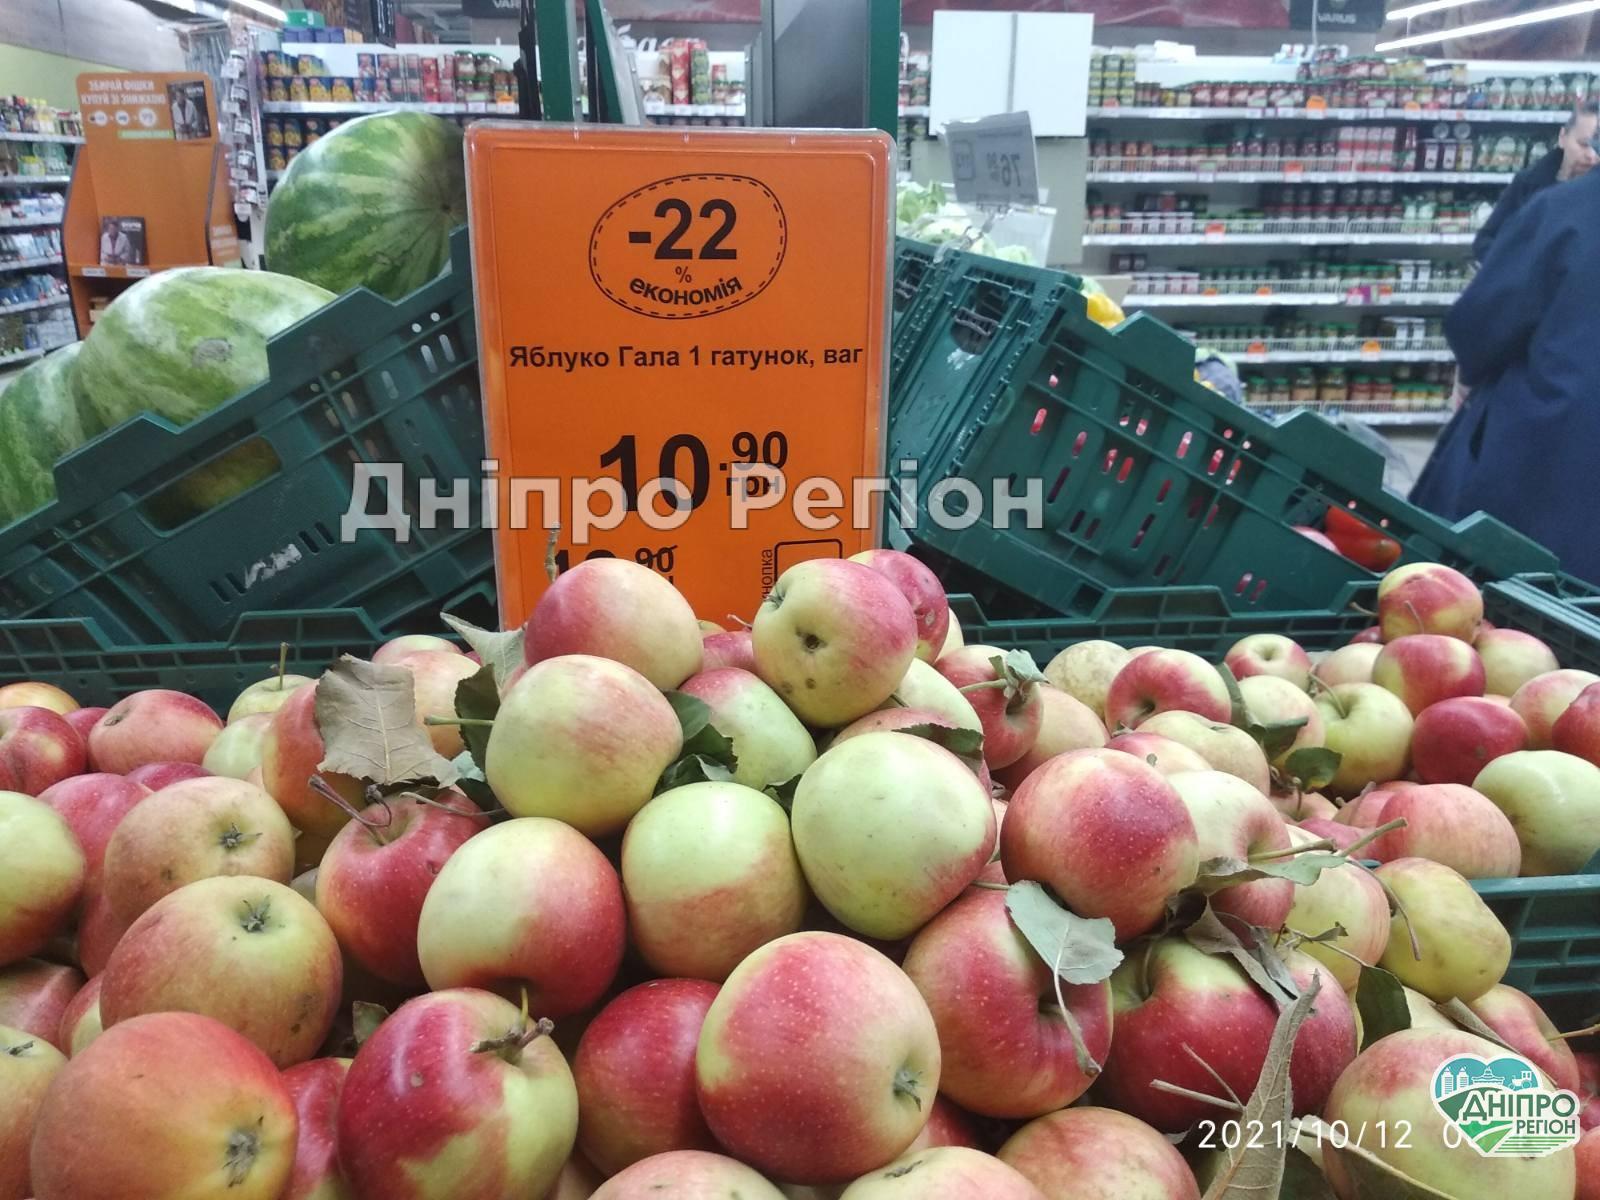 У Дніпрі в супермаркеті Варус подешевшали яблука: банани злетіли в ціні (Фото)